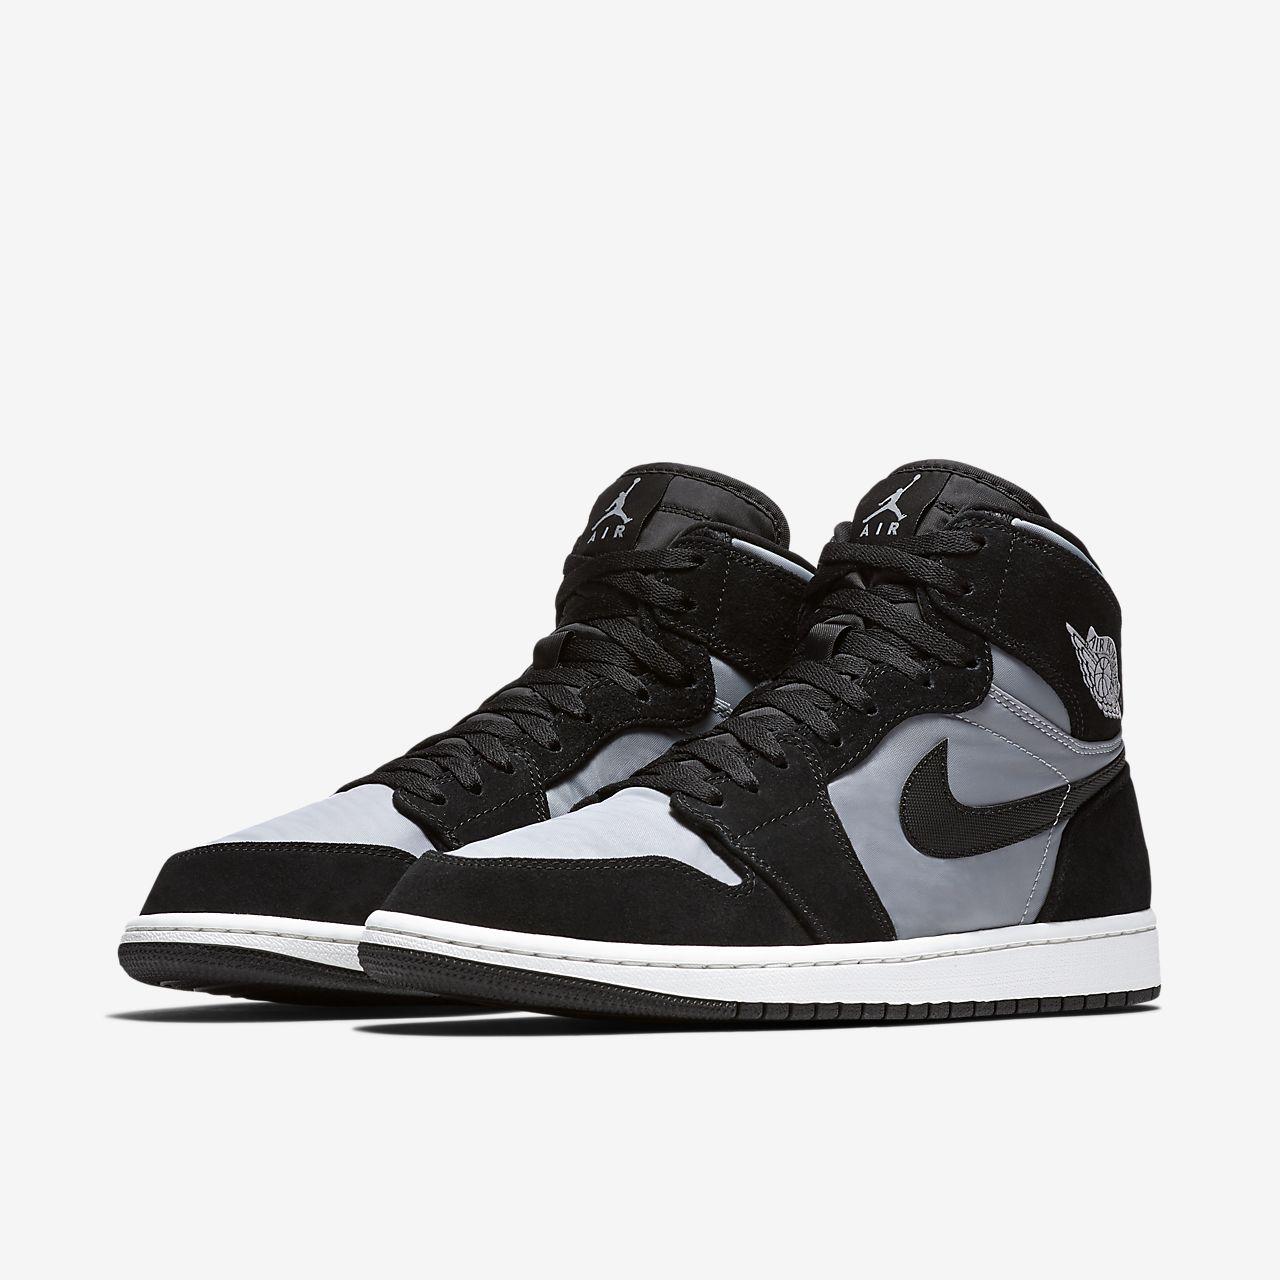 wholesale dealer d71a8 cbf8e ... Air Jordan 1 Retro High Premium Men s Shoe